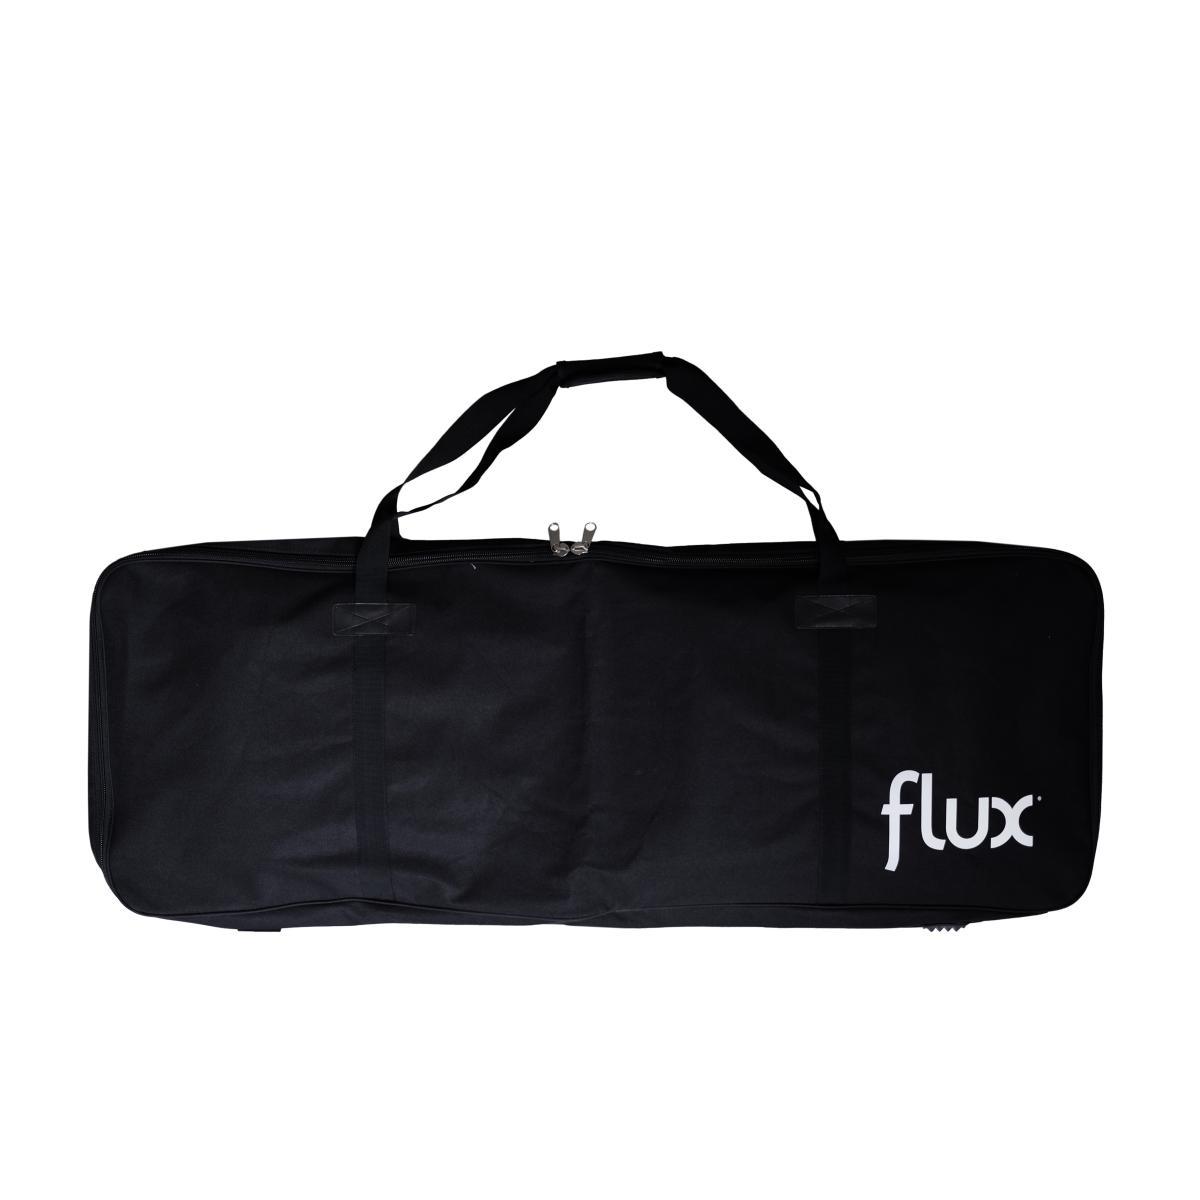 flux Tasche für Couchtisch (max 4 Stück)